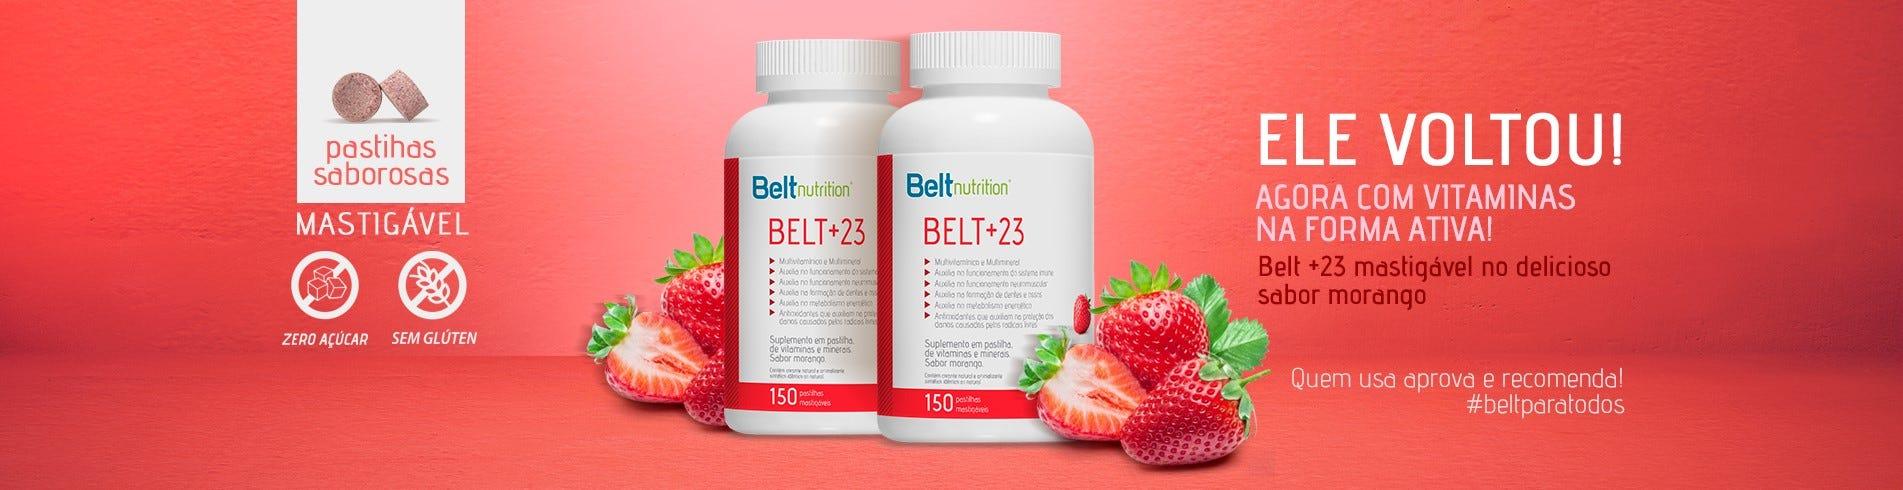 Belt +23 Morango